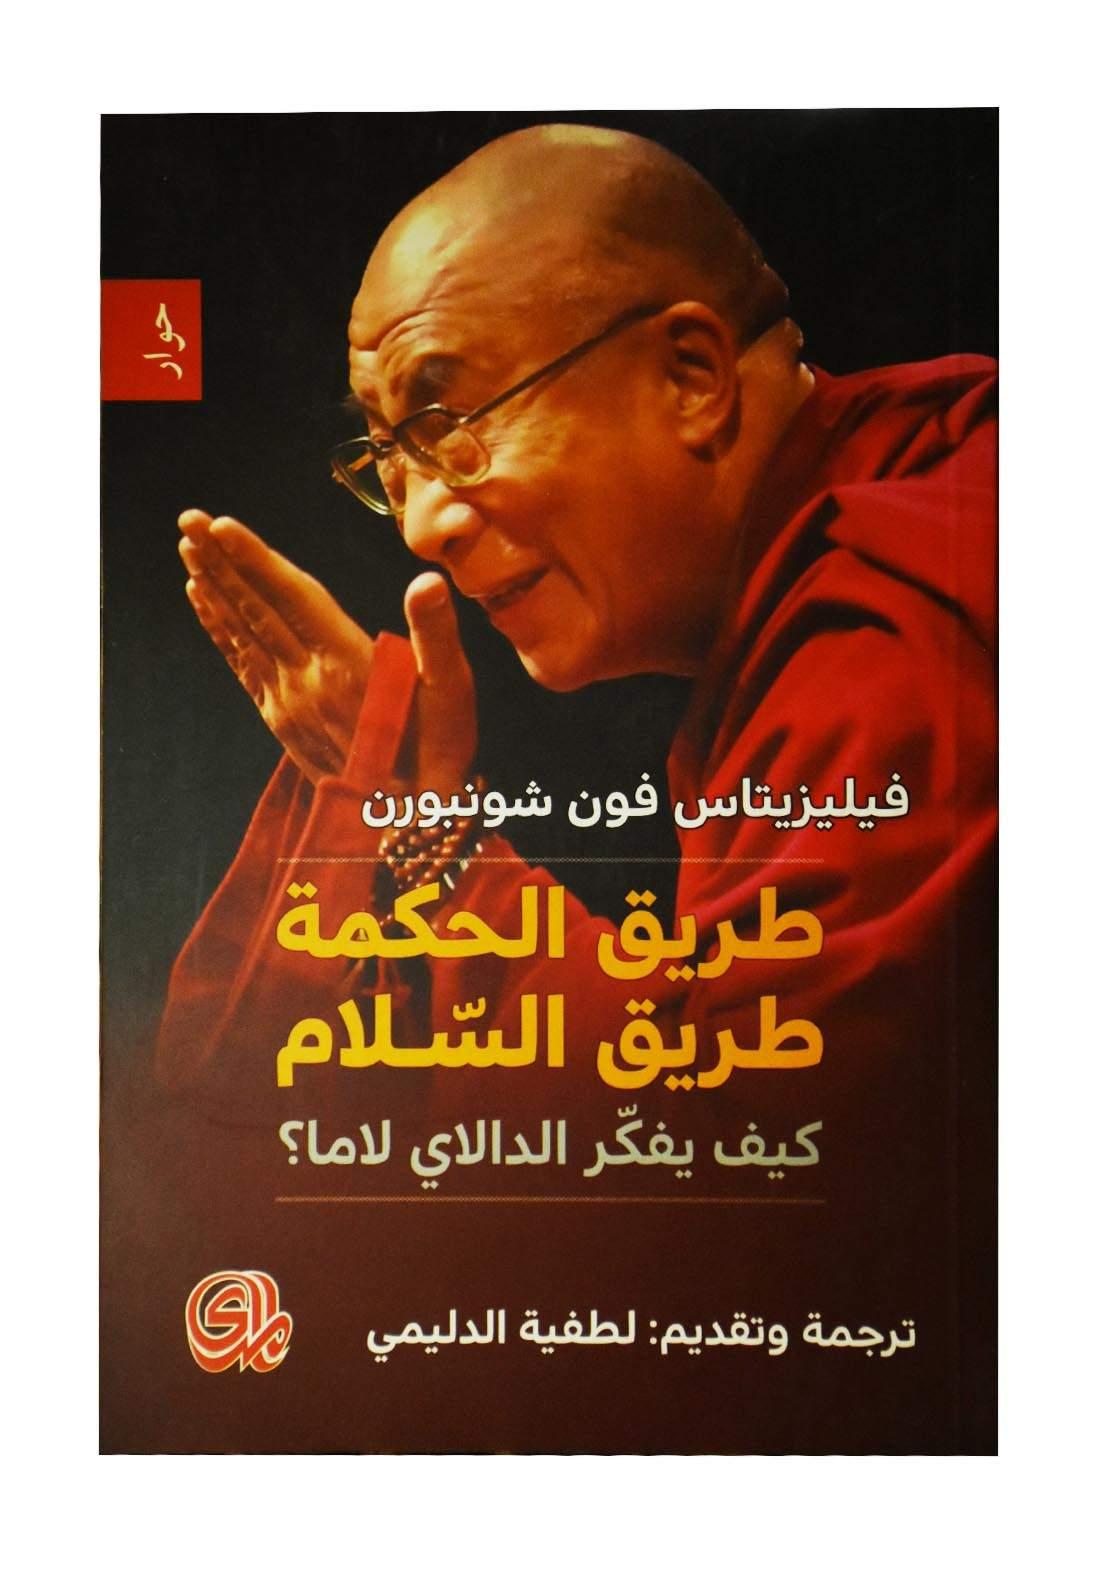 طريق الحكمة طريق السلام كيف يفكر الدالاي لاما ؟